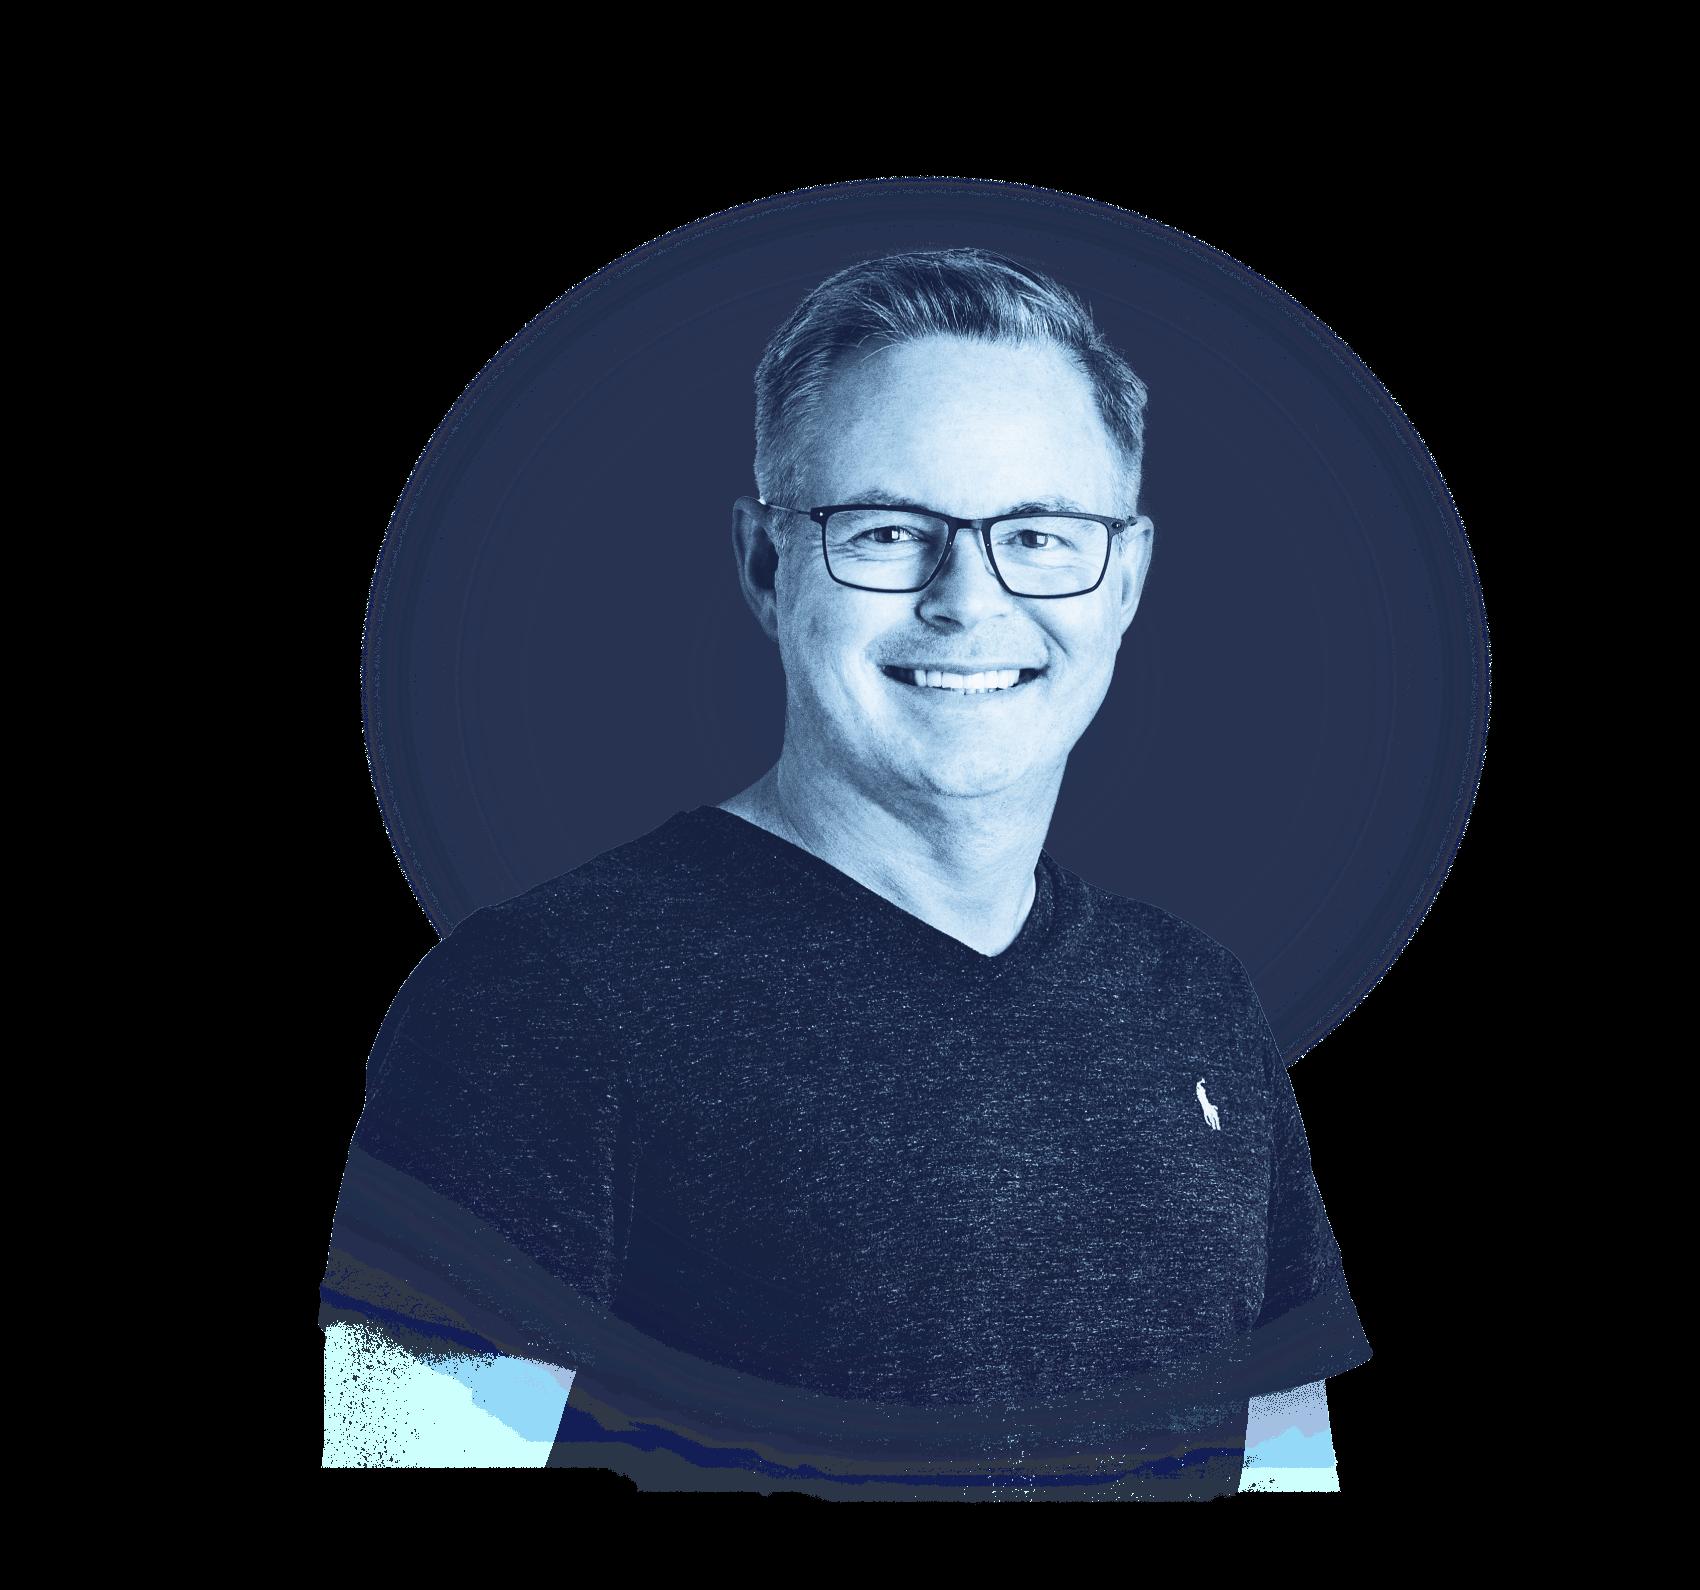 Lars Fløe